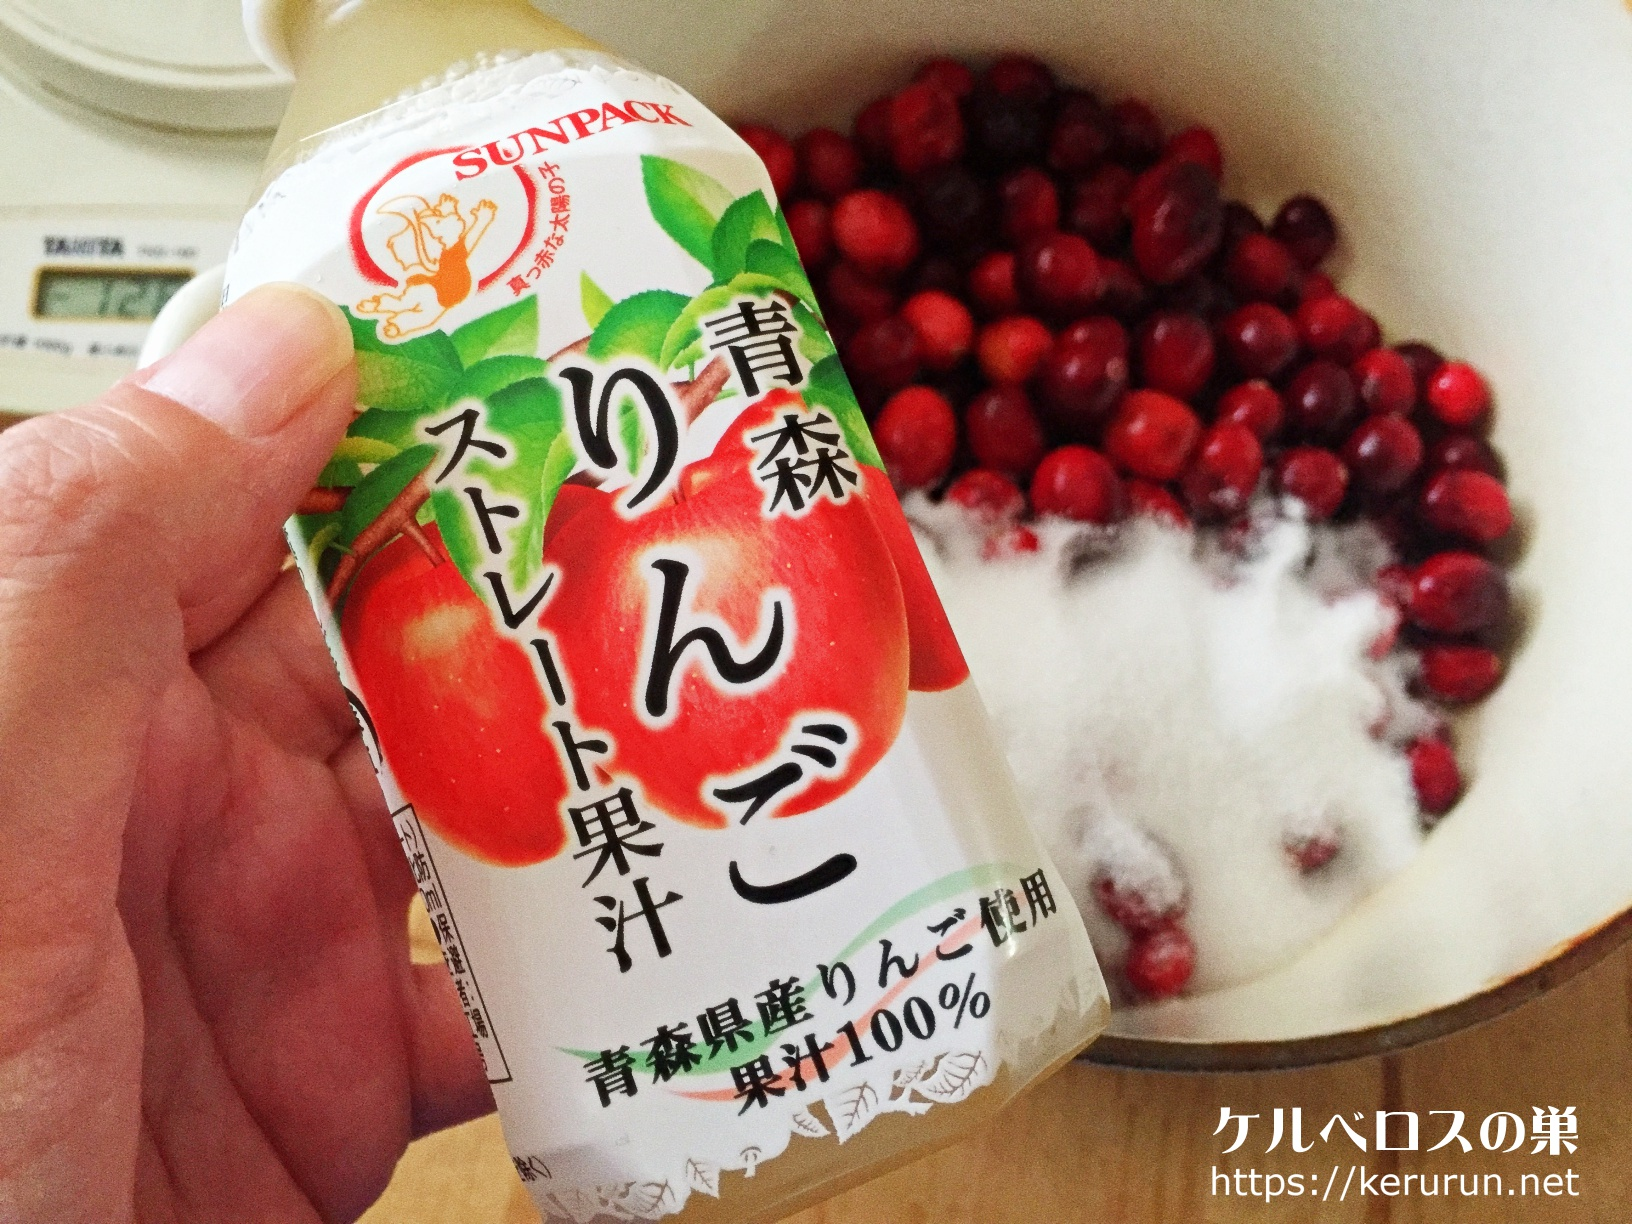 【レシピあり・コストコ活用術】クランベリージャム